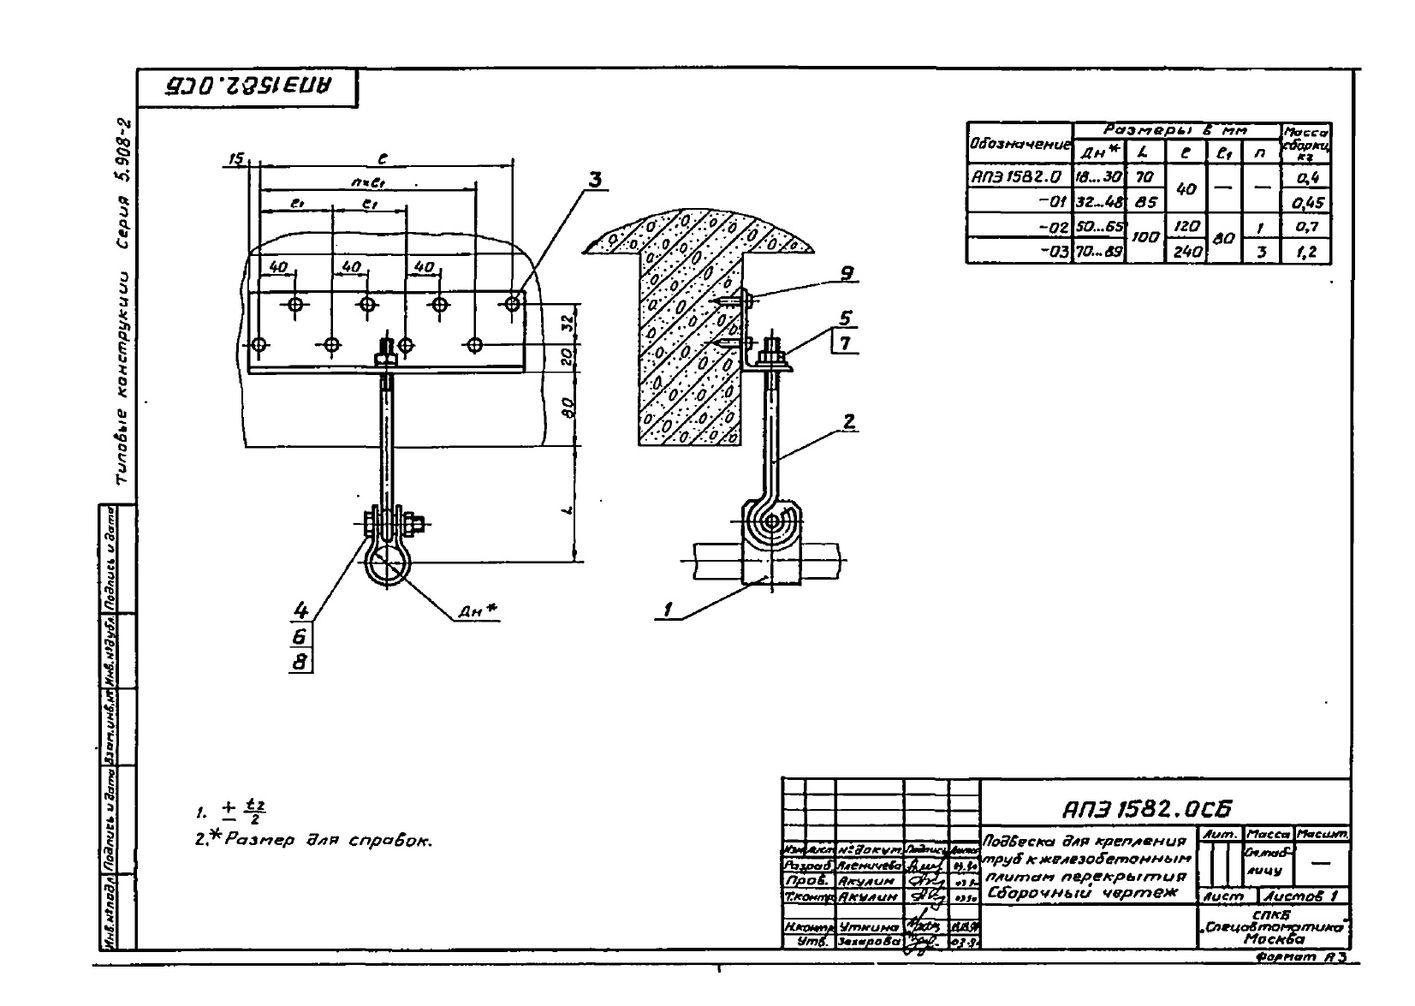 Подвеска АПЭ 1582.0 серия 5.908-2 стр.1